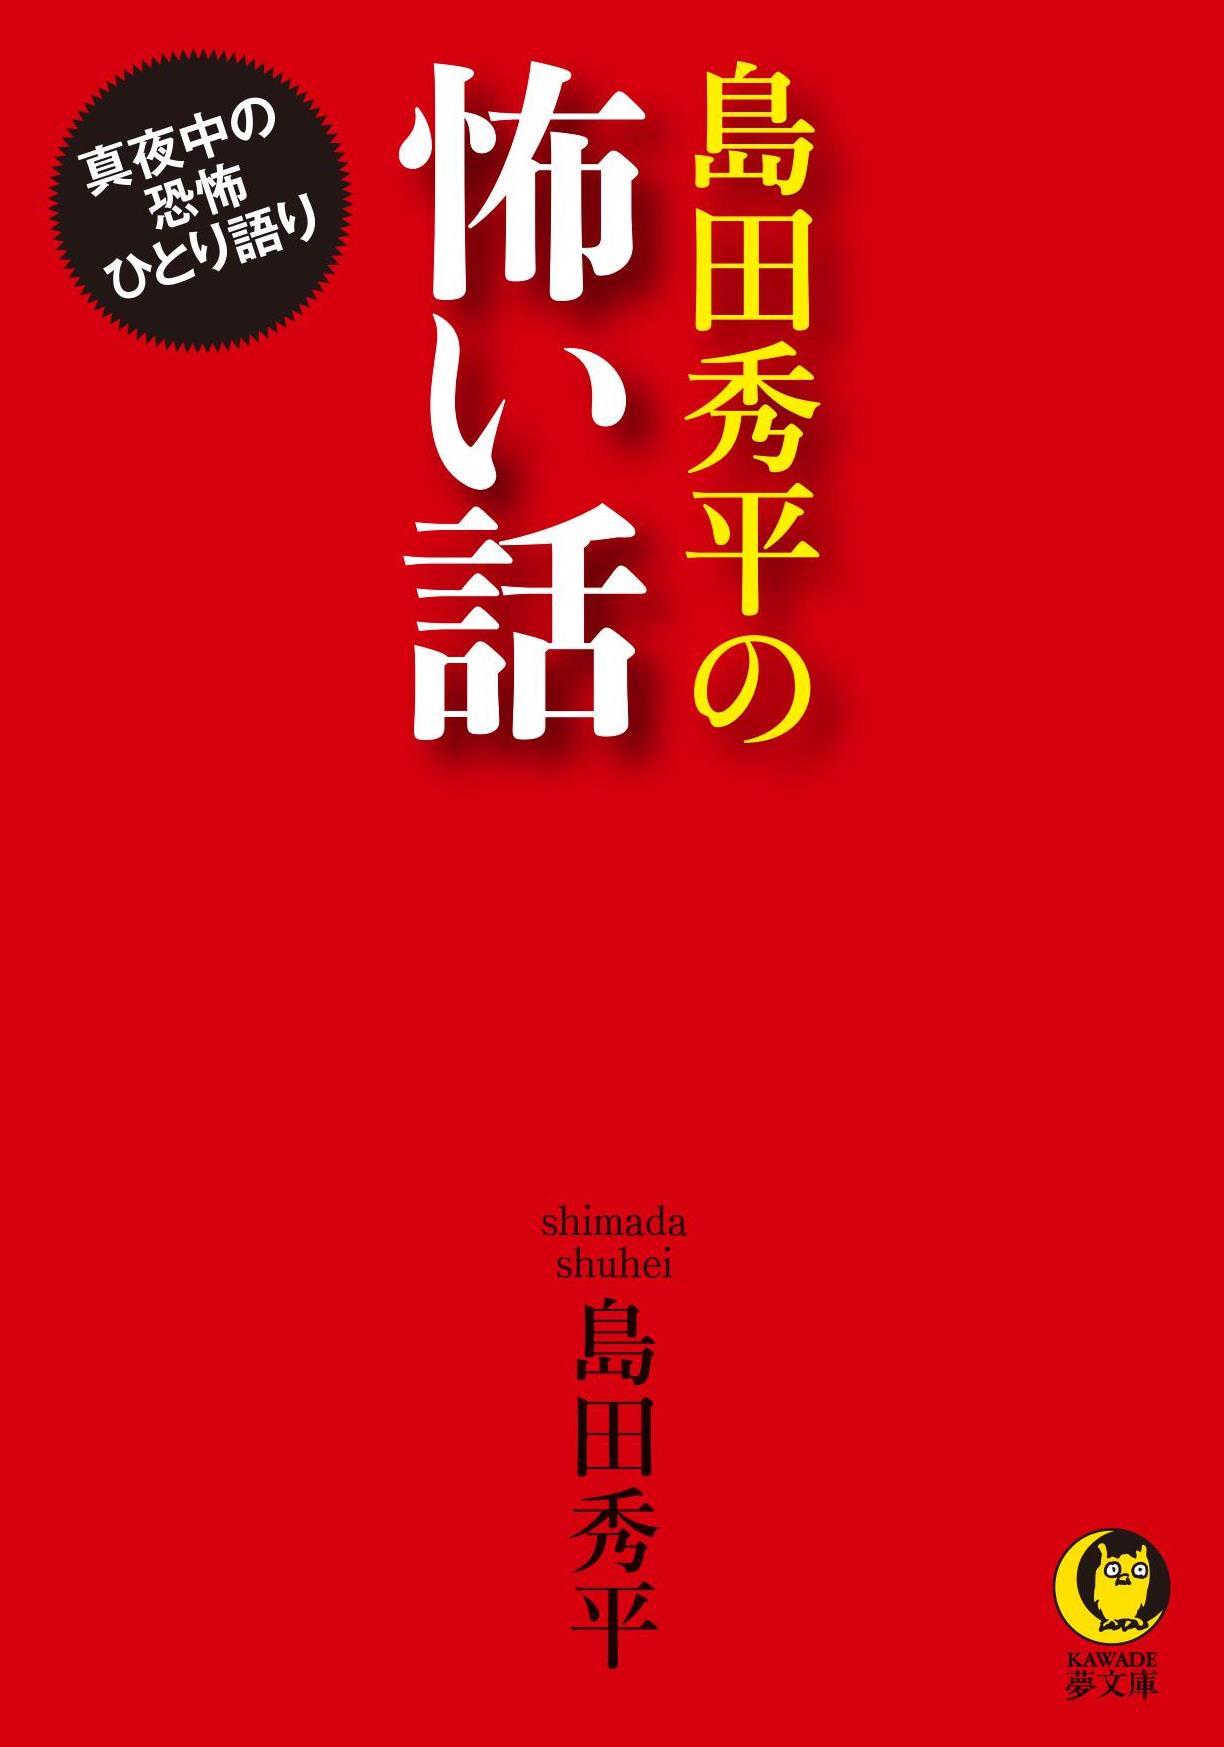 KAWADE夢文庫「島田秀平の怖い話」